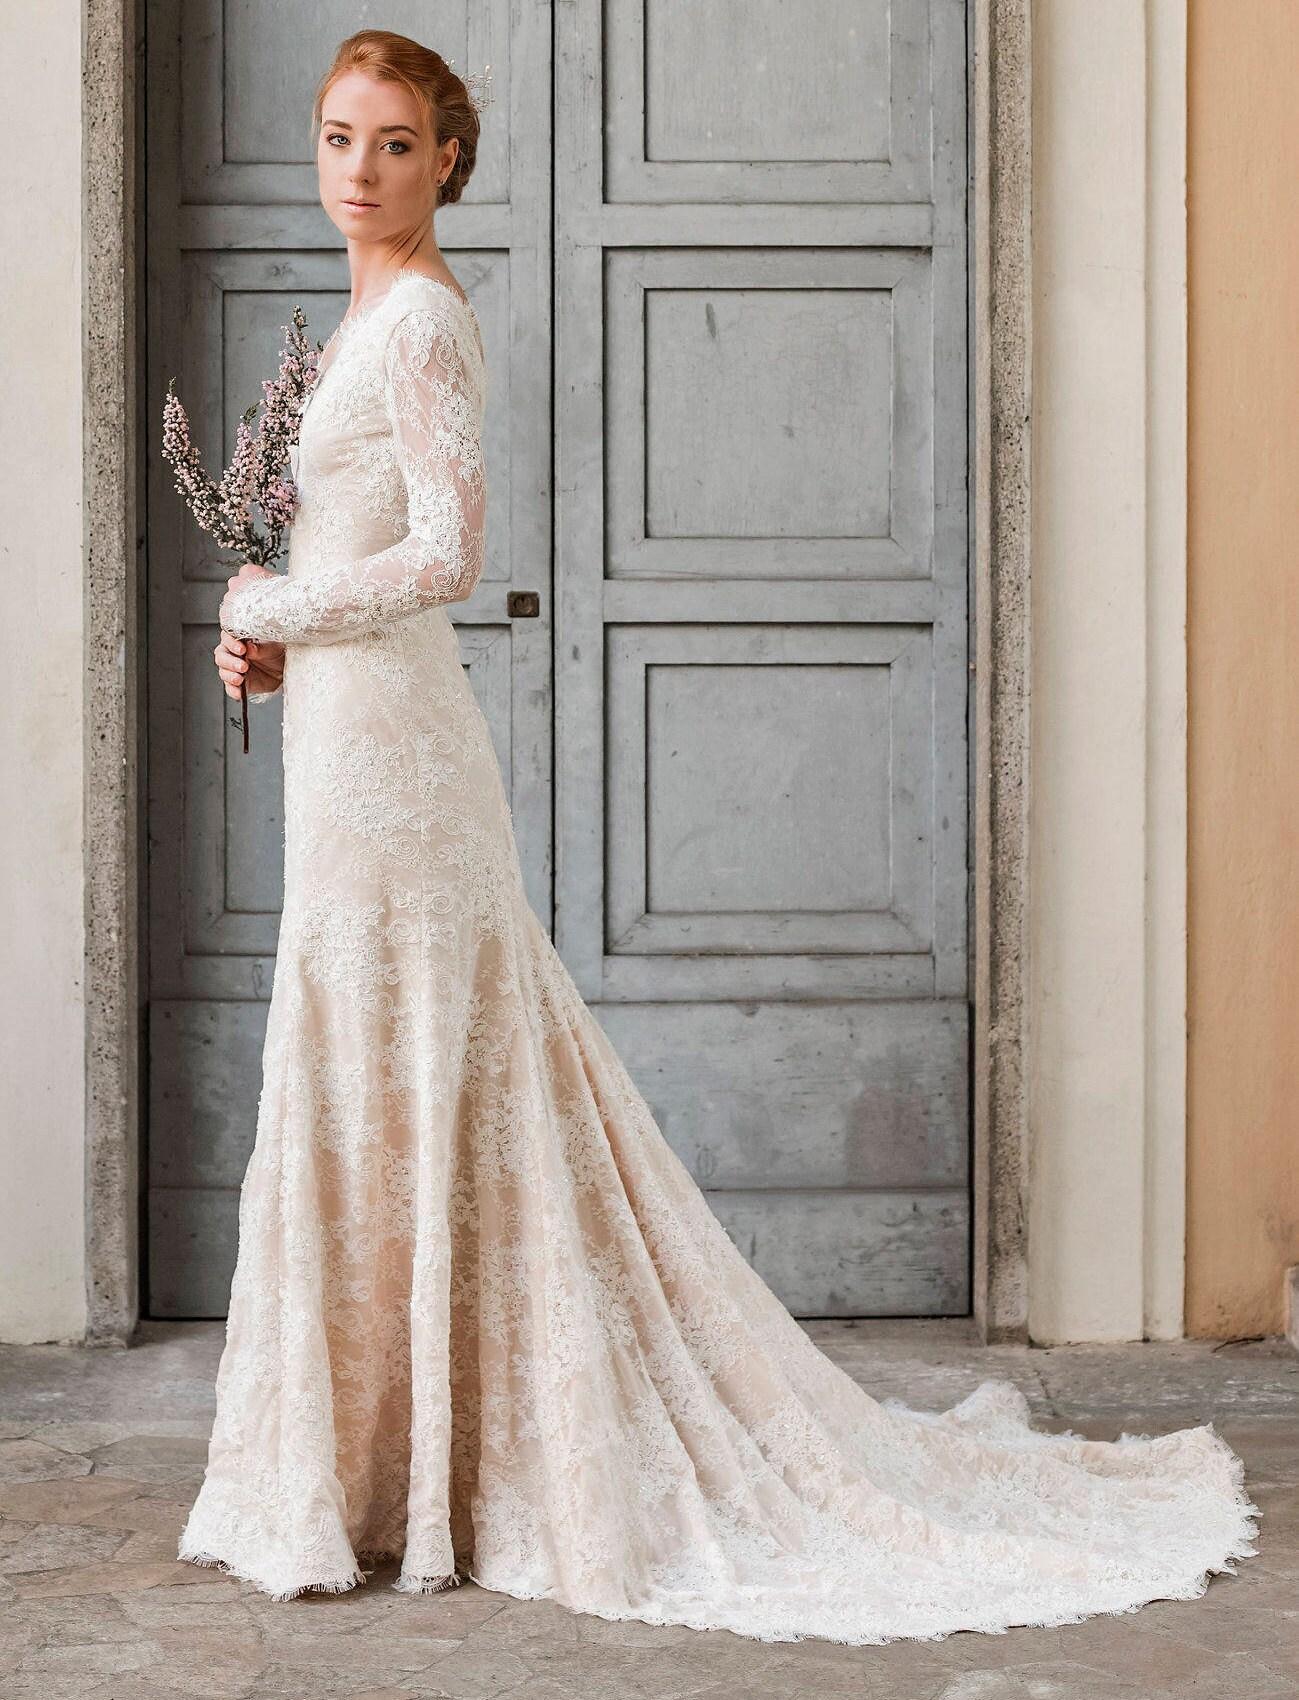 Meerjungfrau Hochzeitskleid Trompete Hochzeitskleid